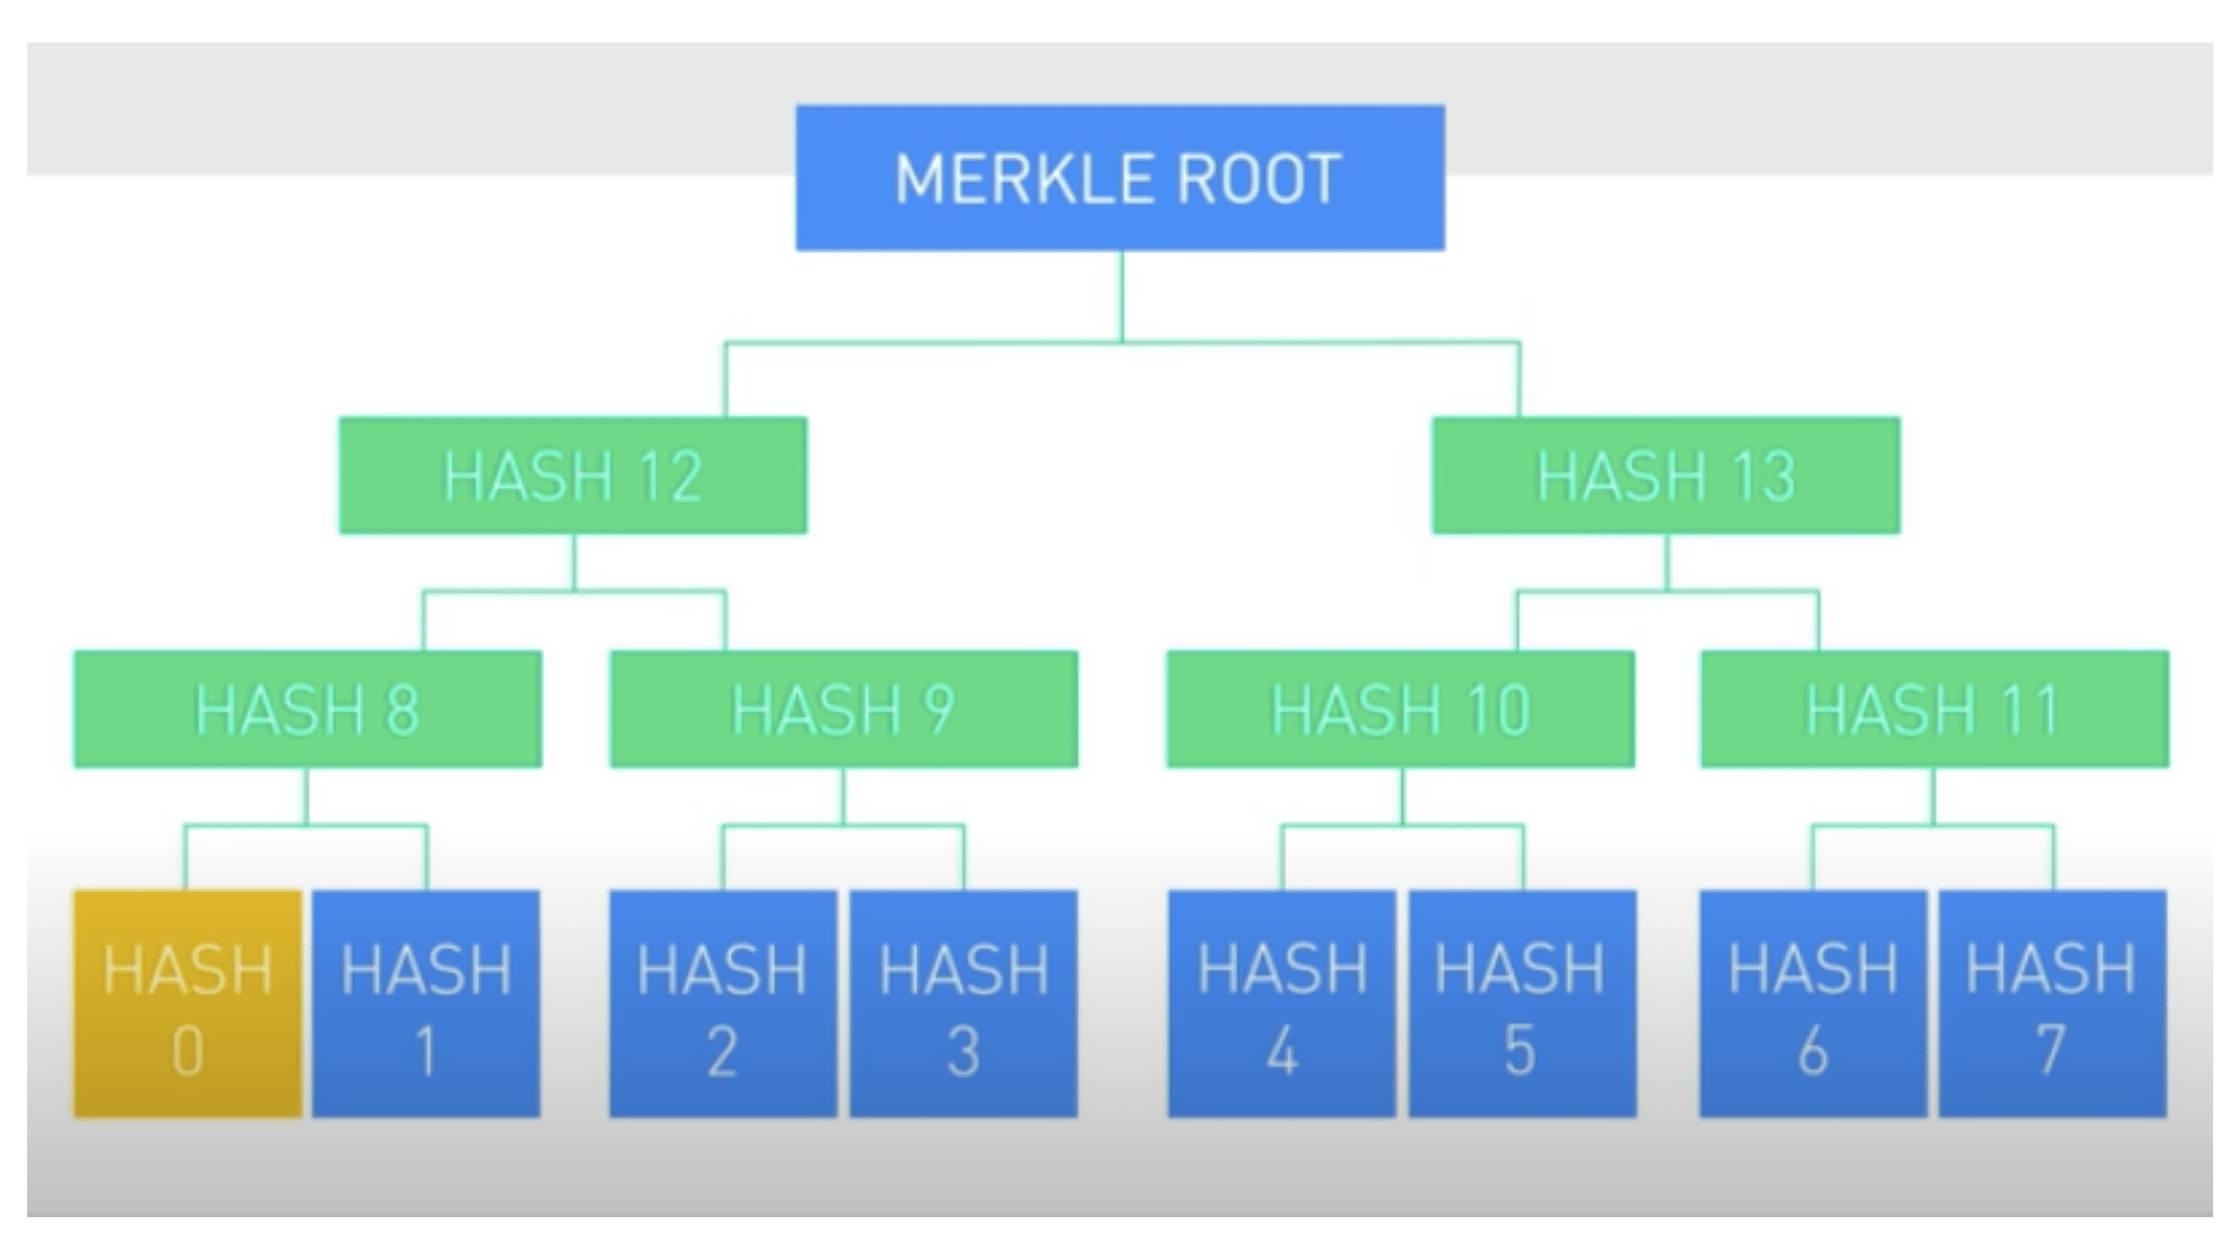 """Po hašovaní všetkých transakcií z bloku sú hashe usporiadané do stromových štruktúr nazývaných """"Merkle tree"""". Jednotlivé hashe sú opakovane spájané do párov, až kým sa nedosiahne vrchol stromu, tzv. koreňový uzol Merkle stromu (ang. Merkle root). Merkle root predstavuje hash, ktorý zastupuje všetky hashe, z ktorých vznikol."""